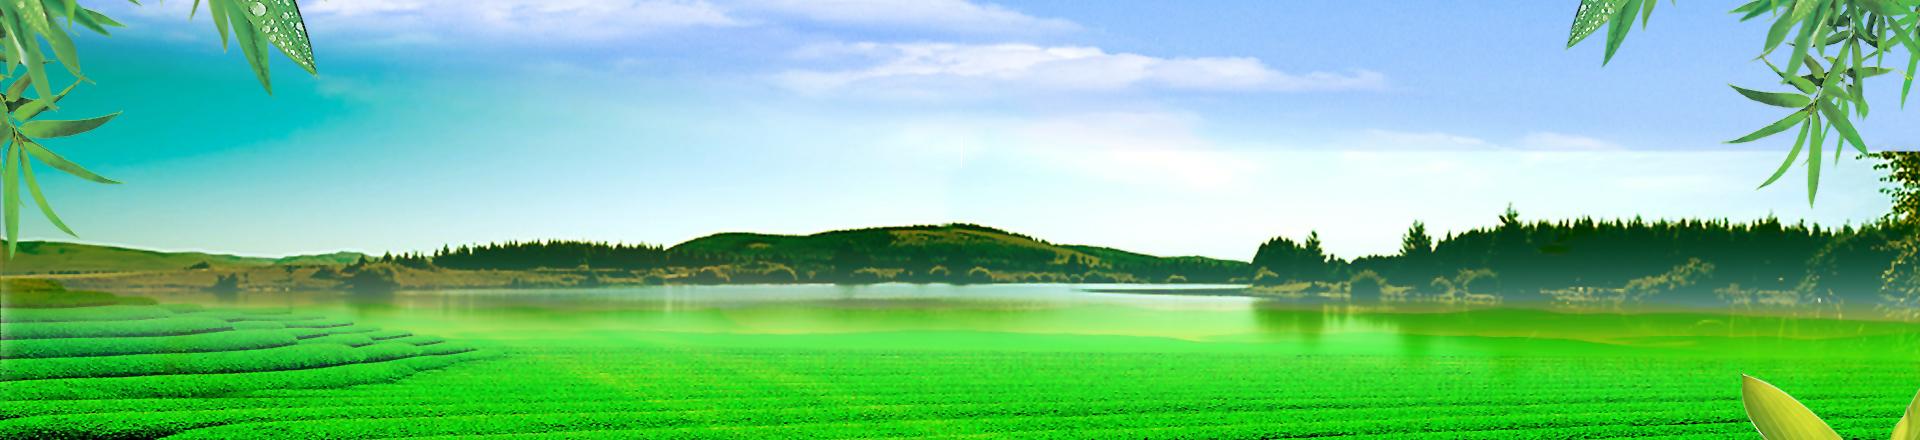 自然河道水庫水質凈化-2